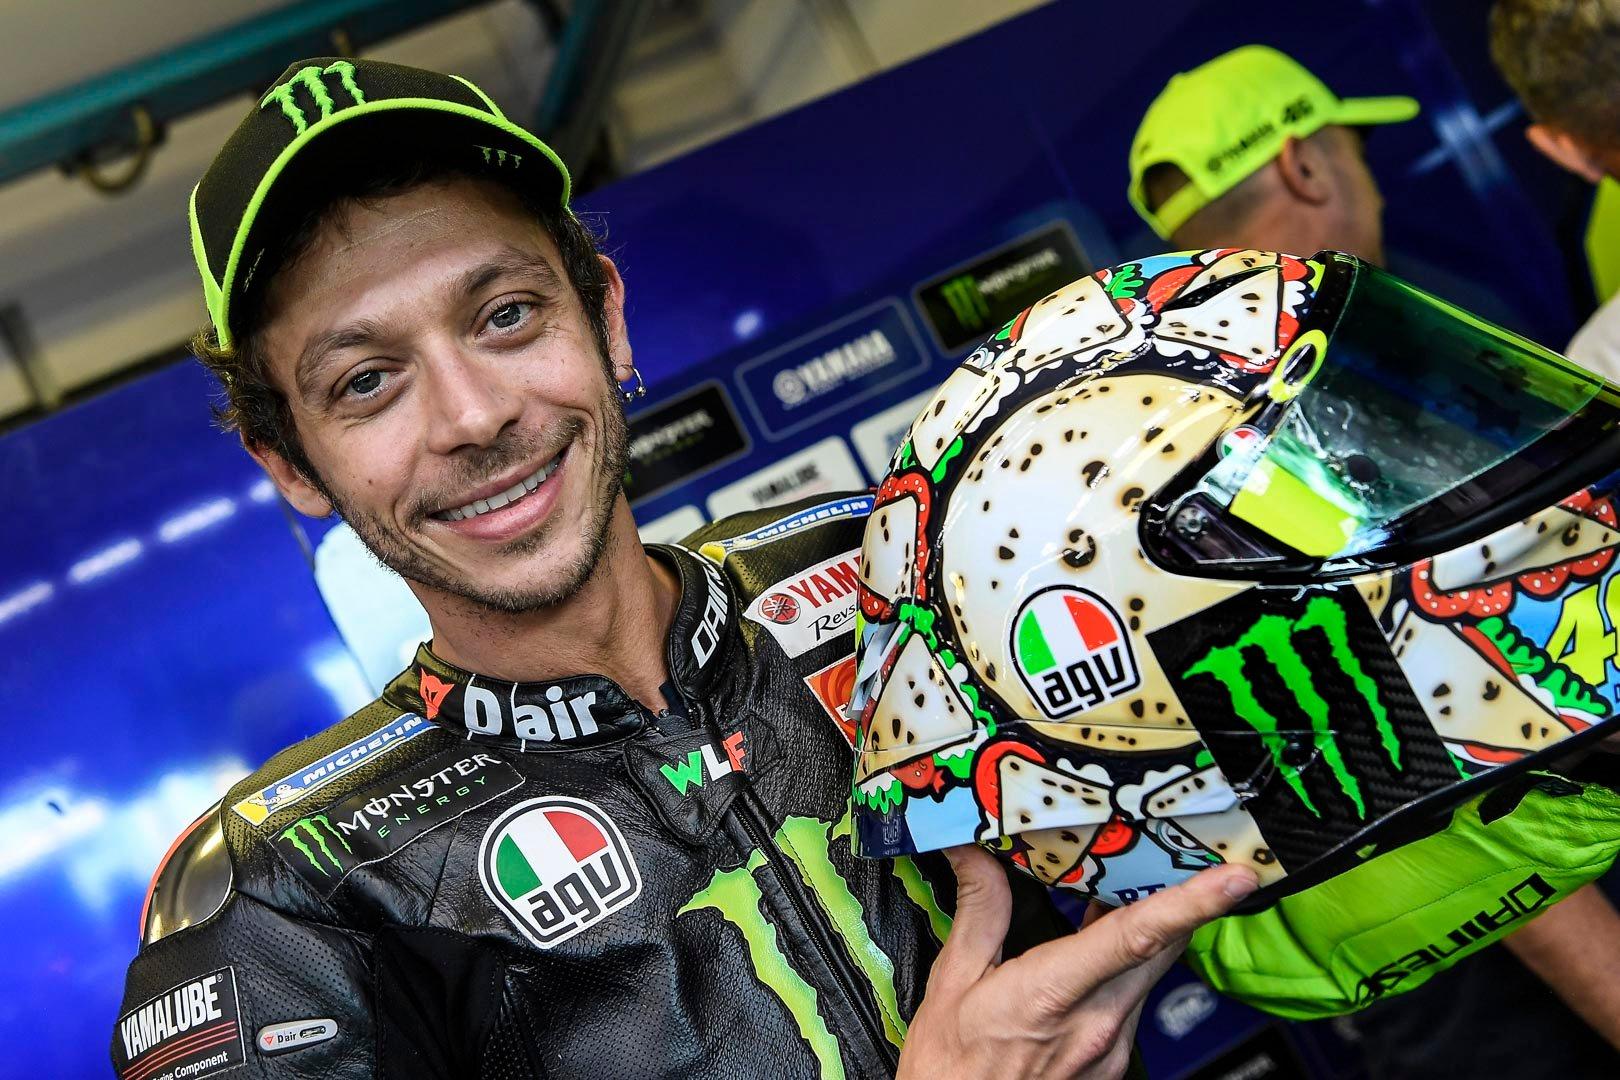 Valentino Rossi 2019 Misano Helmet Revealed 22 Photos